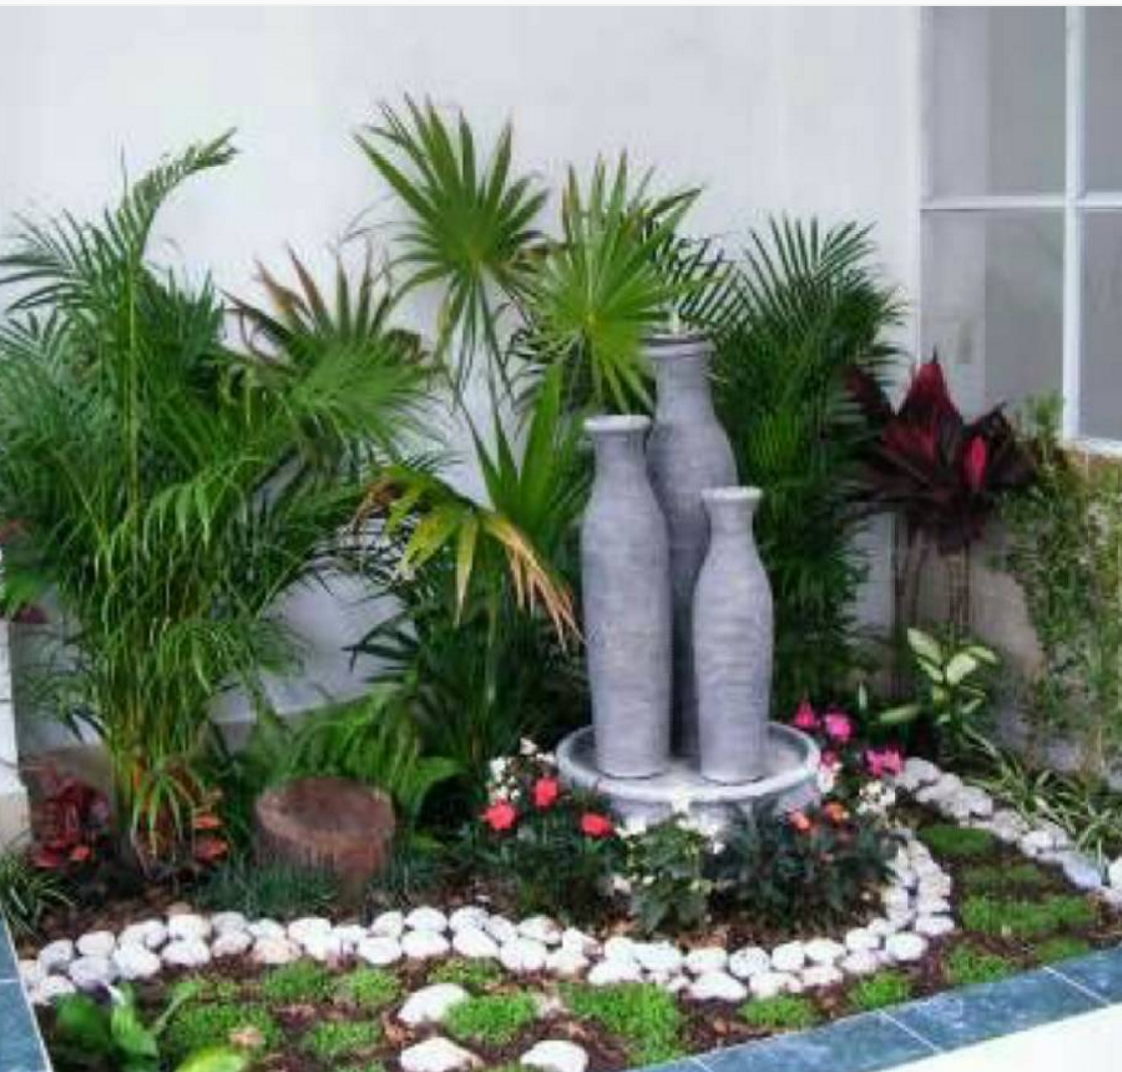 101 planos de casas paisajismo actual en espacios peque os for Jardin 7 colores bernal